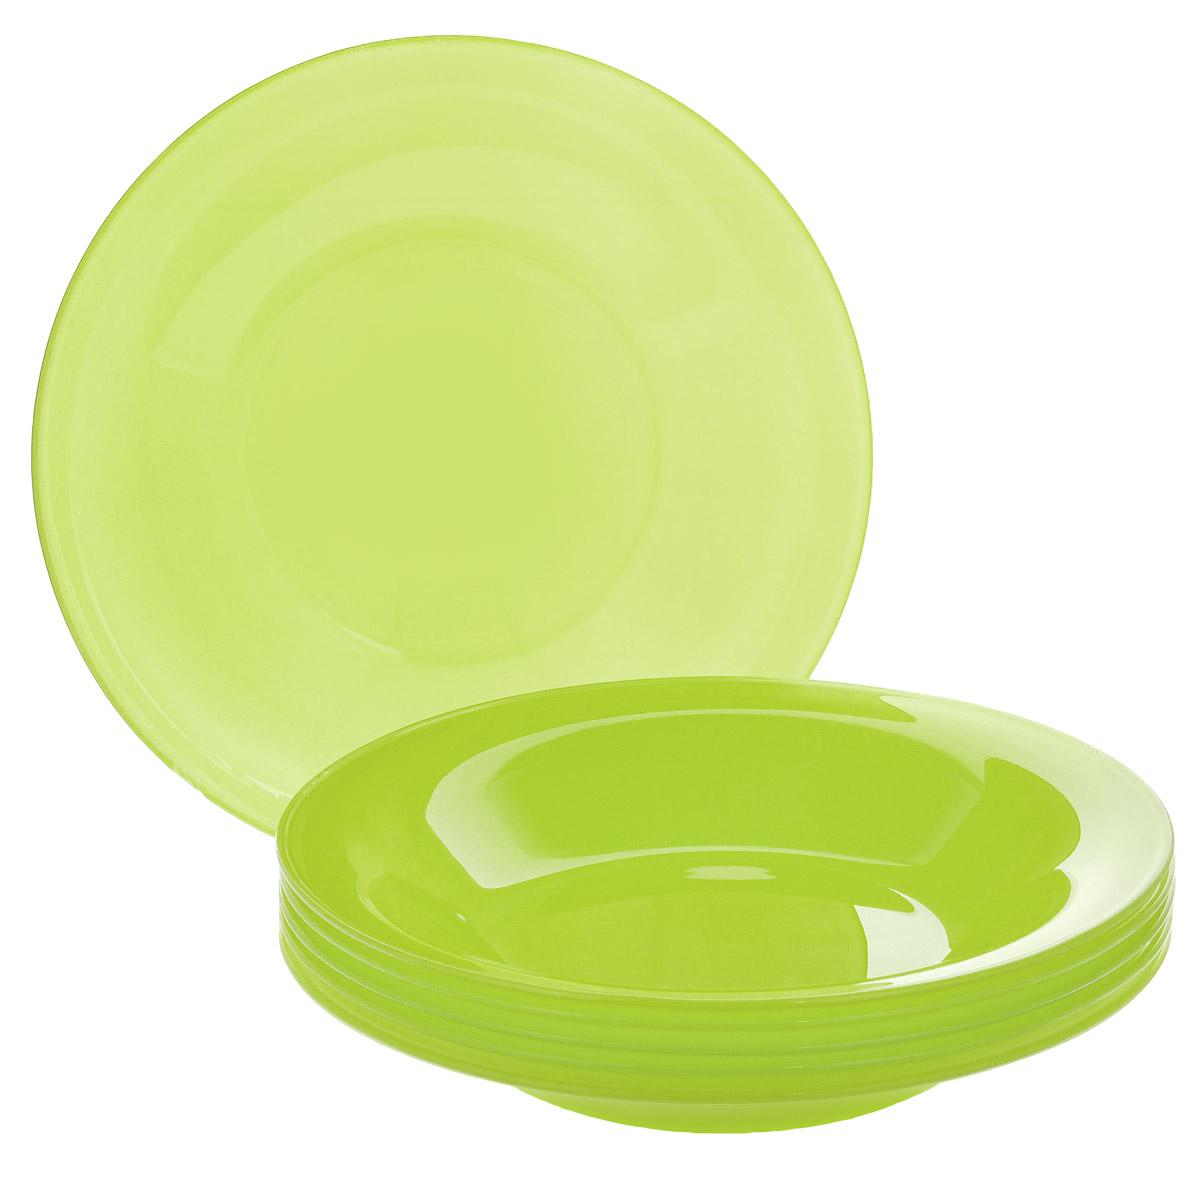 Набор глубоких тарелок, цвет: зеленый, диаметр 19 см, 6 шт. Кт FSP75TFSP75T-T0940-1Набор тарелок, выполненный из высококачественного стекла, состоит из 6 глубоких тарелок. Они сочетают в себе изысканный дизайн с максимальной функциональностью. Оригинальность оформления тарелок придется по вкусу и ценителям классики, и тем, кто предпочитает утонченность и изящность. Набор тарелок послужит отличным подарком к любому празднику.